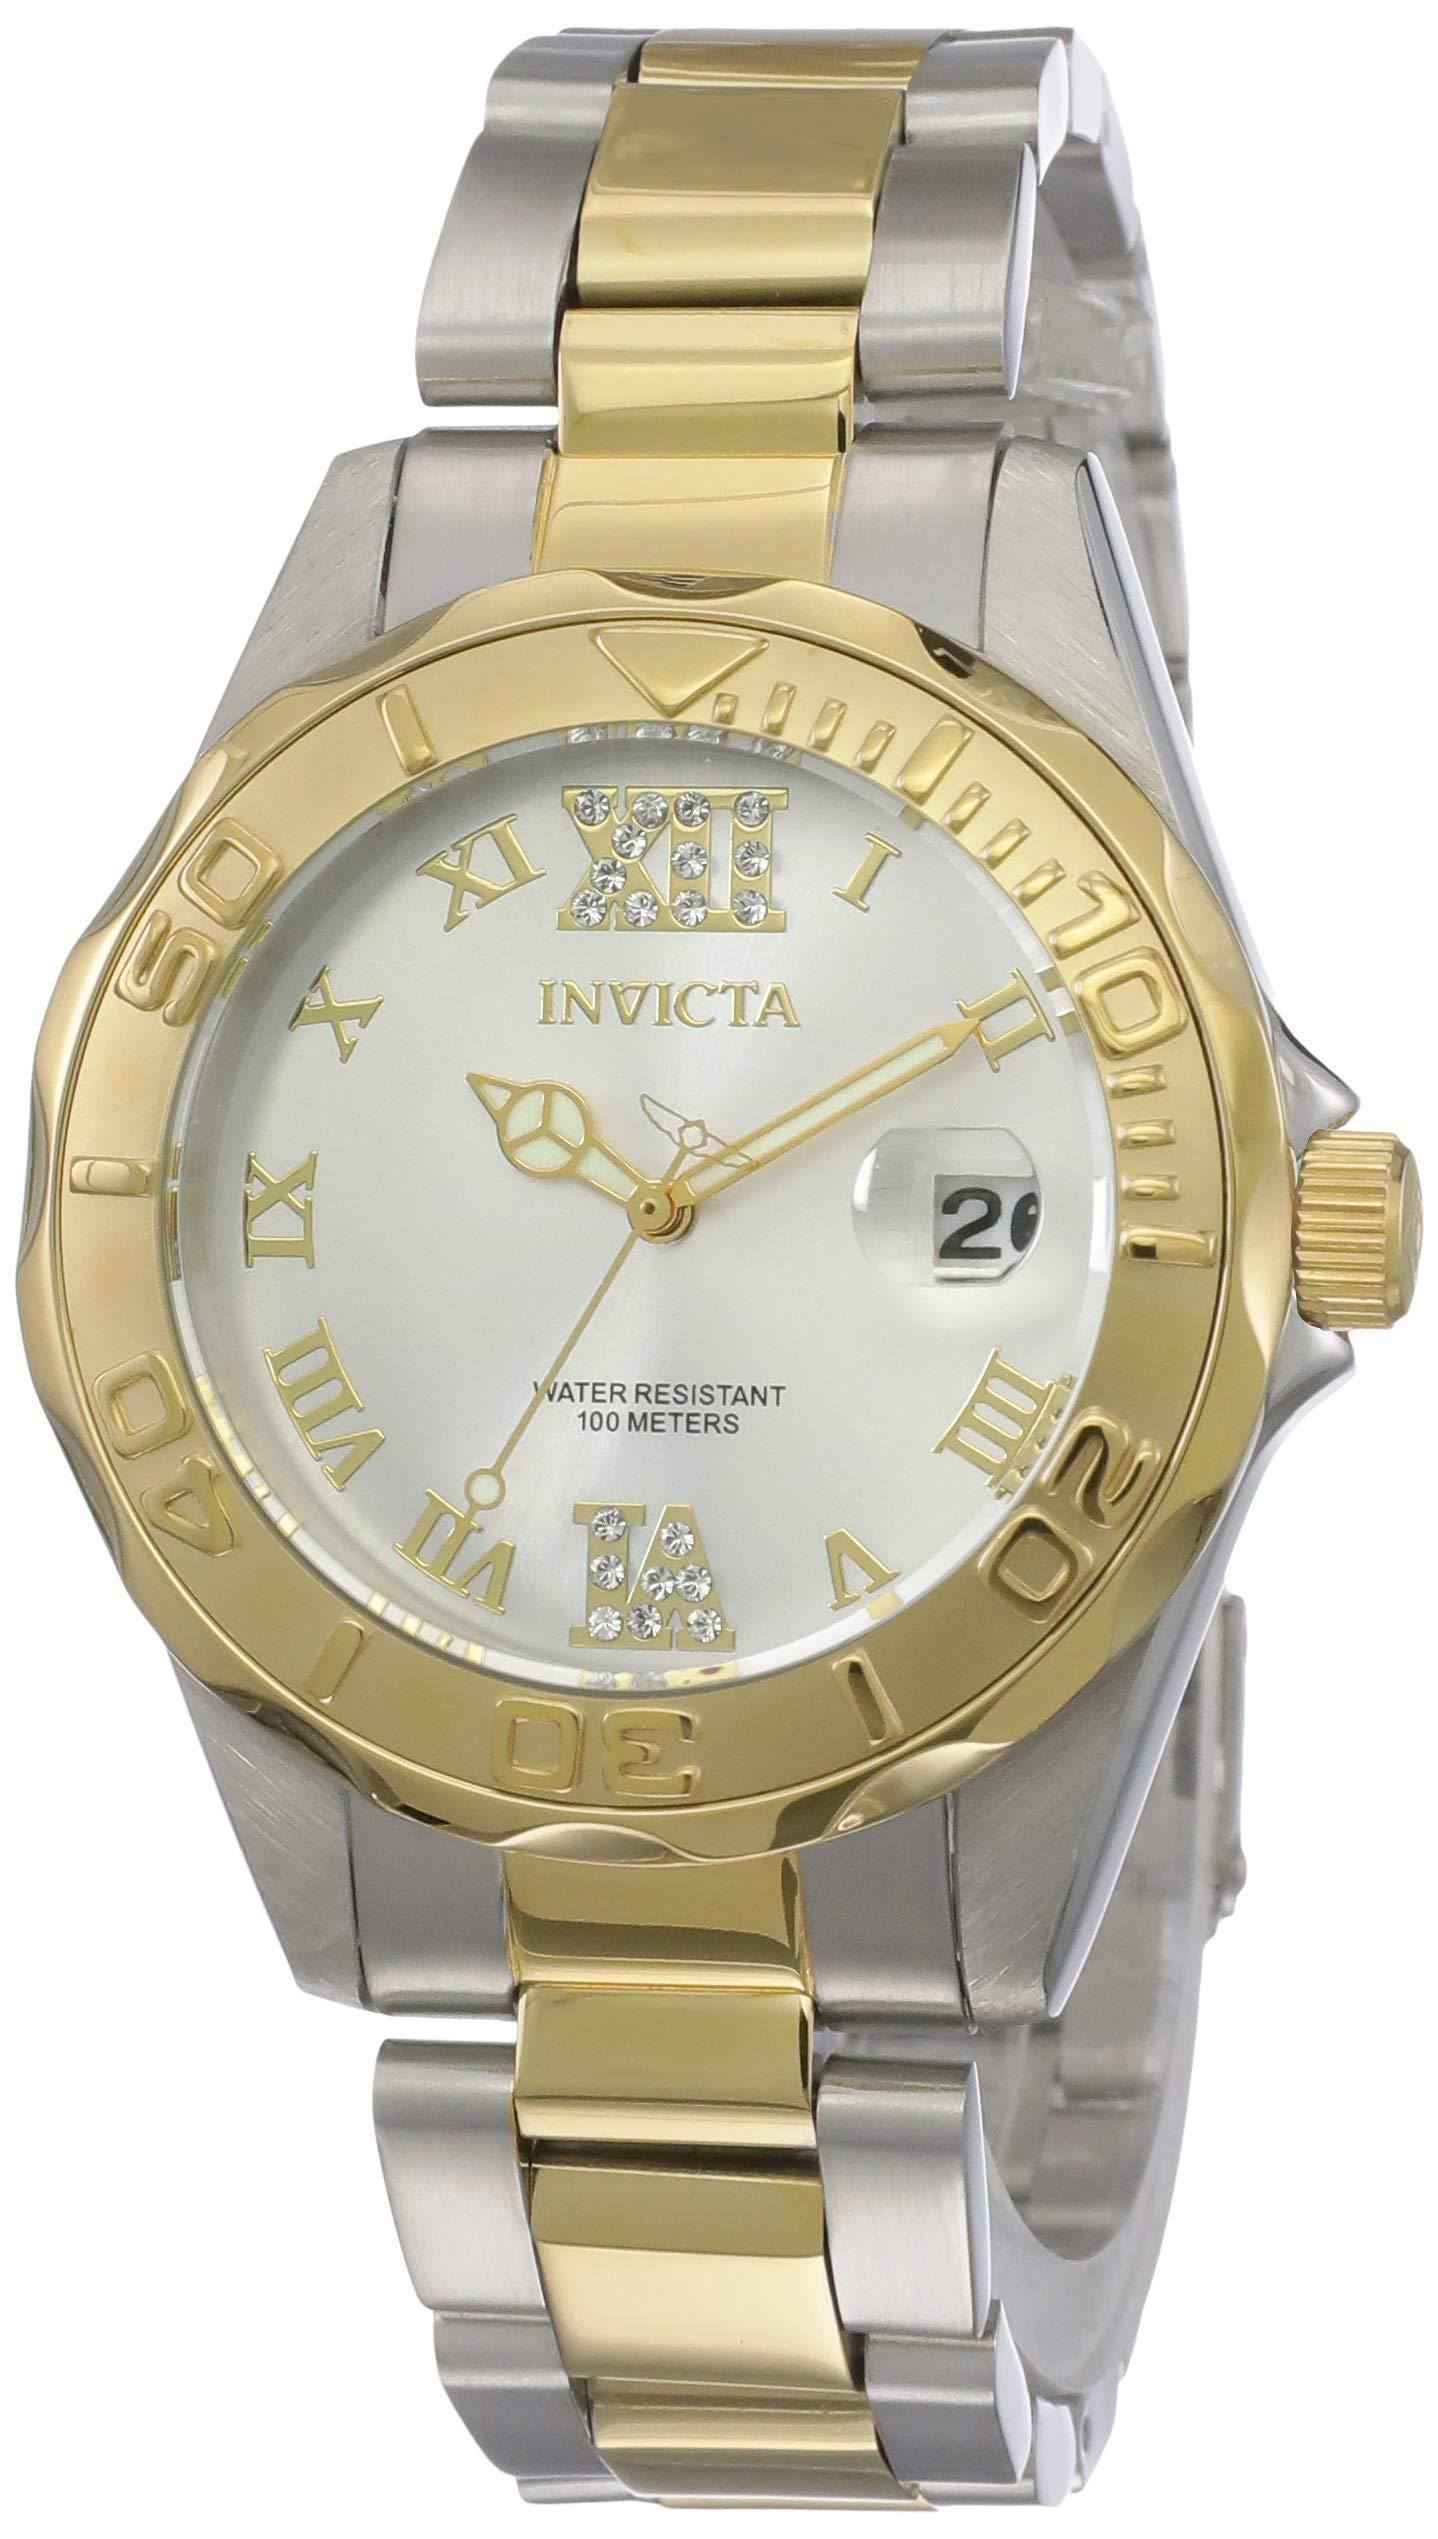 5f85697ea Inicio / Marcas / Invicta / Invicta 12852 Pro Diver Reloj para Mujer acero  inoxidable Cuarzo Esfera plata